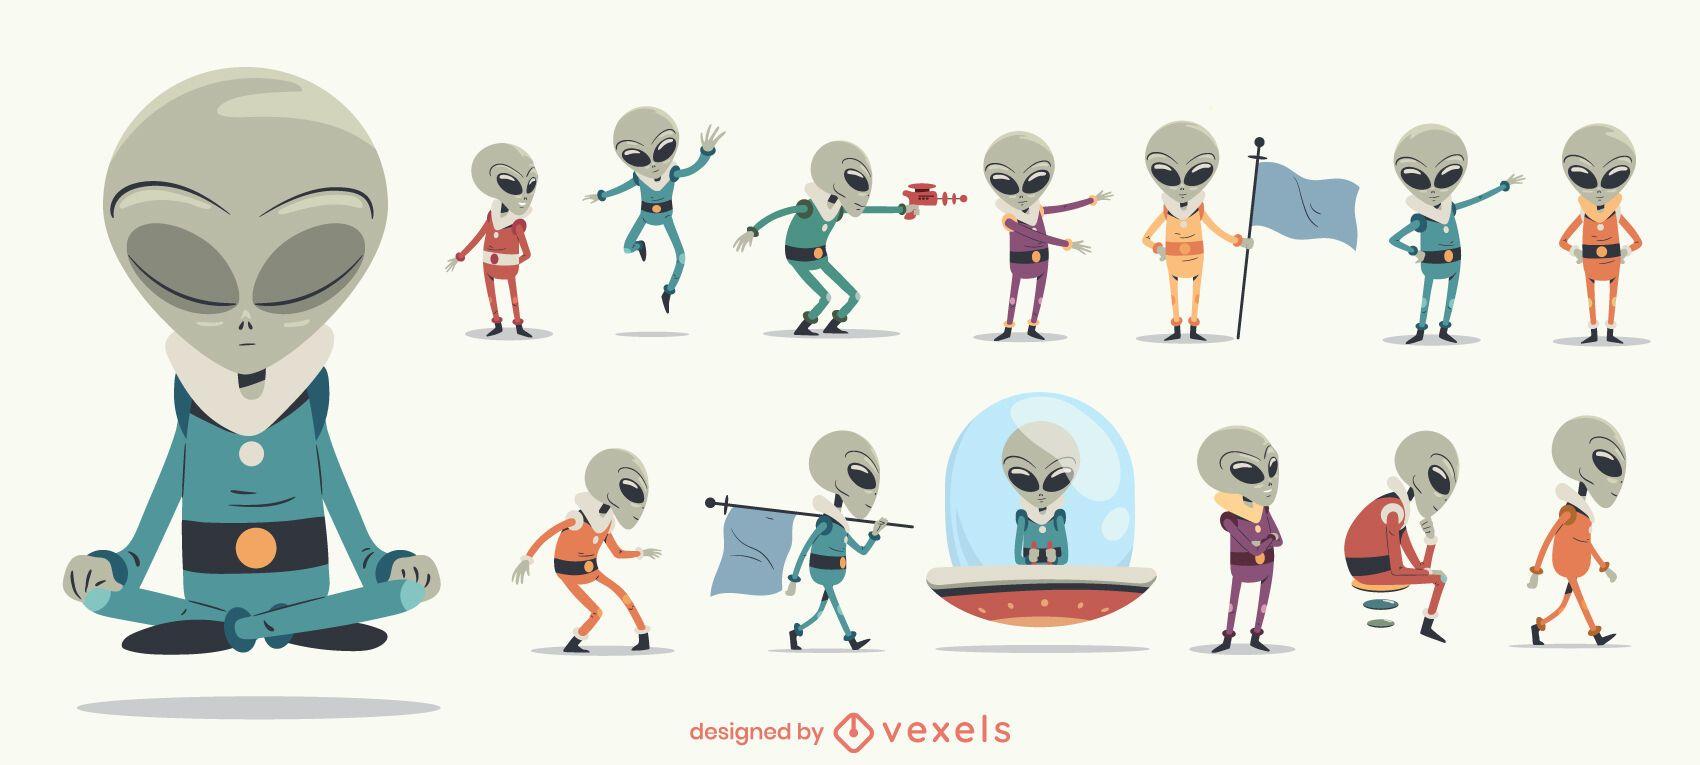 Alien character set